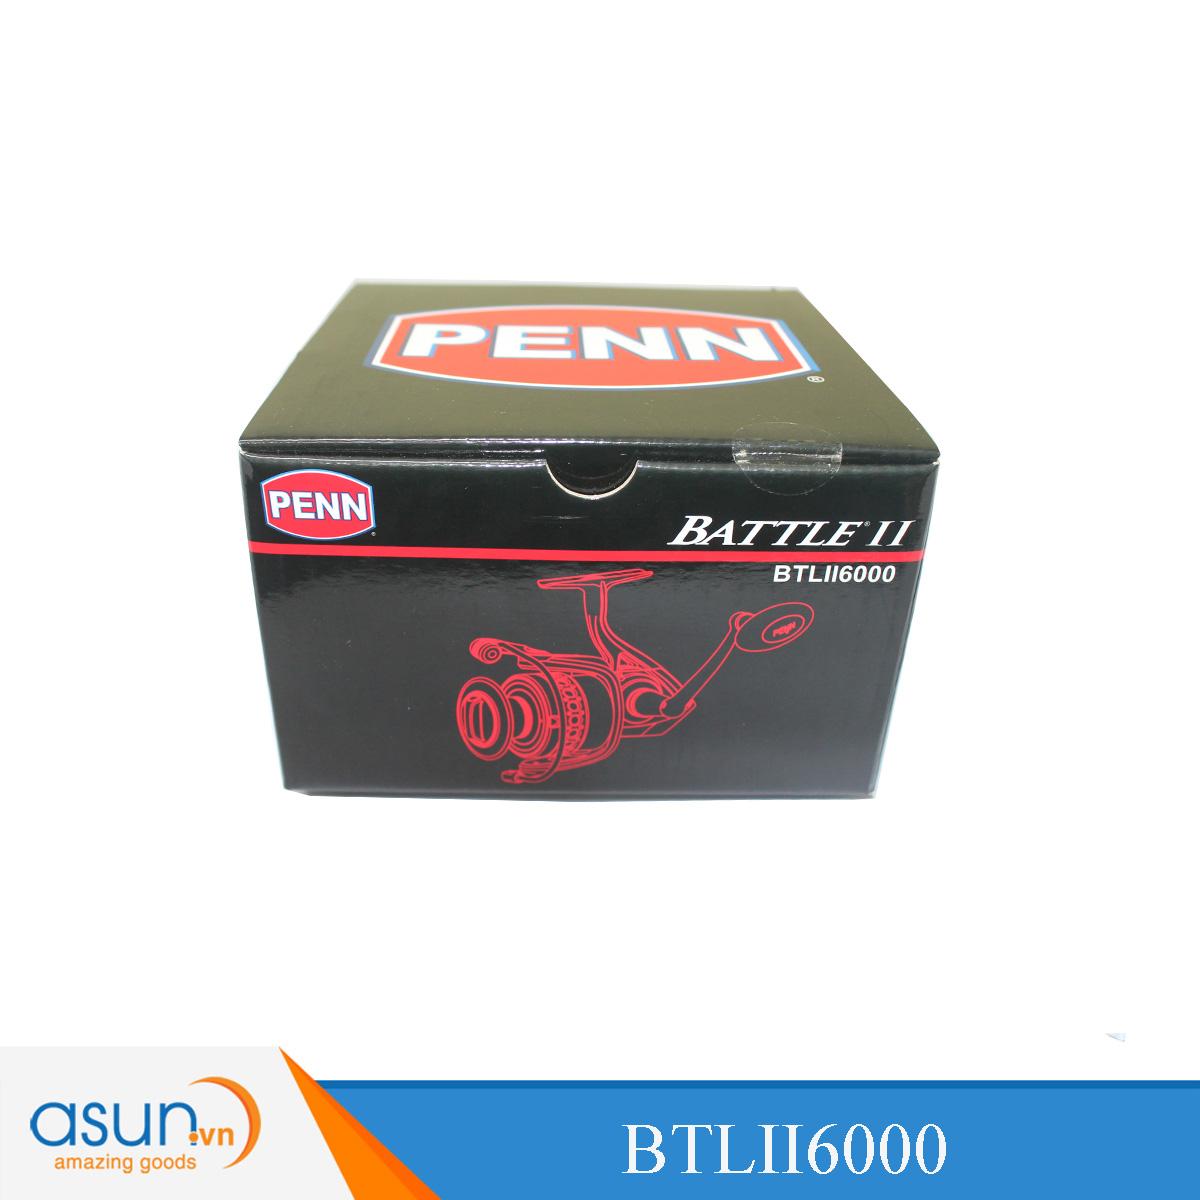 Máy Câu Đứng Penn Battle II BTLII 6000 - Chính Hãng BH 1 năm